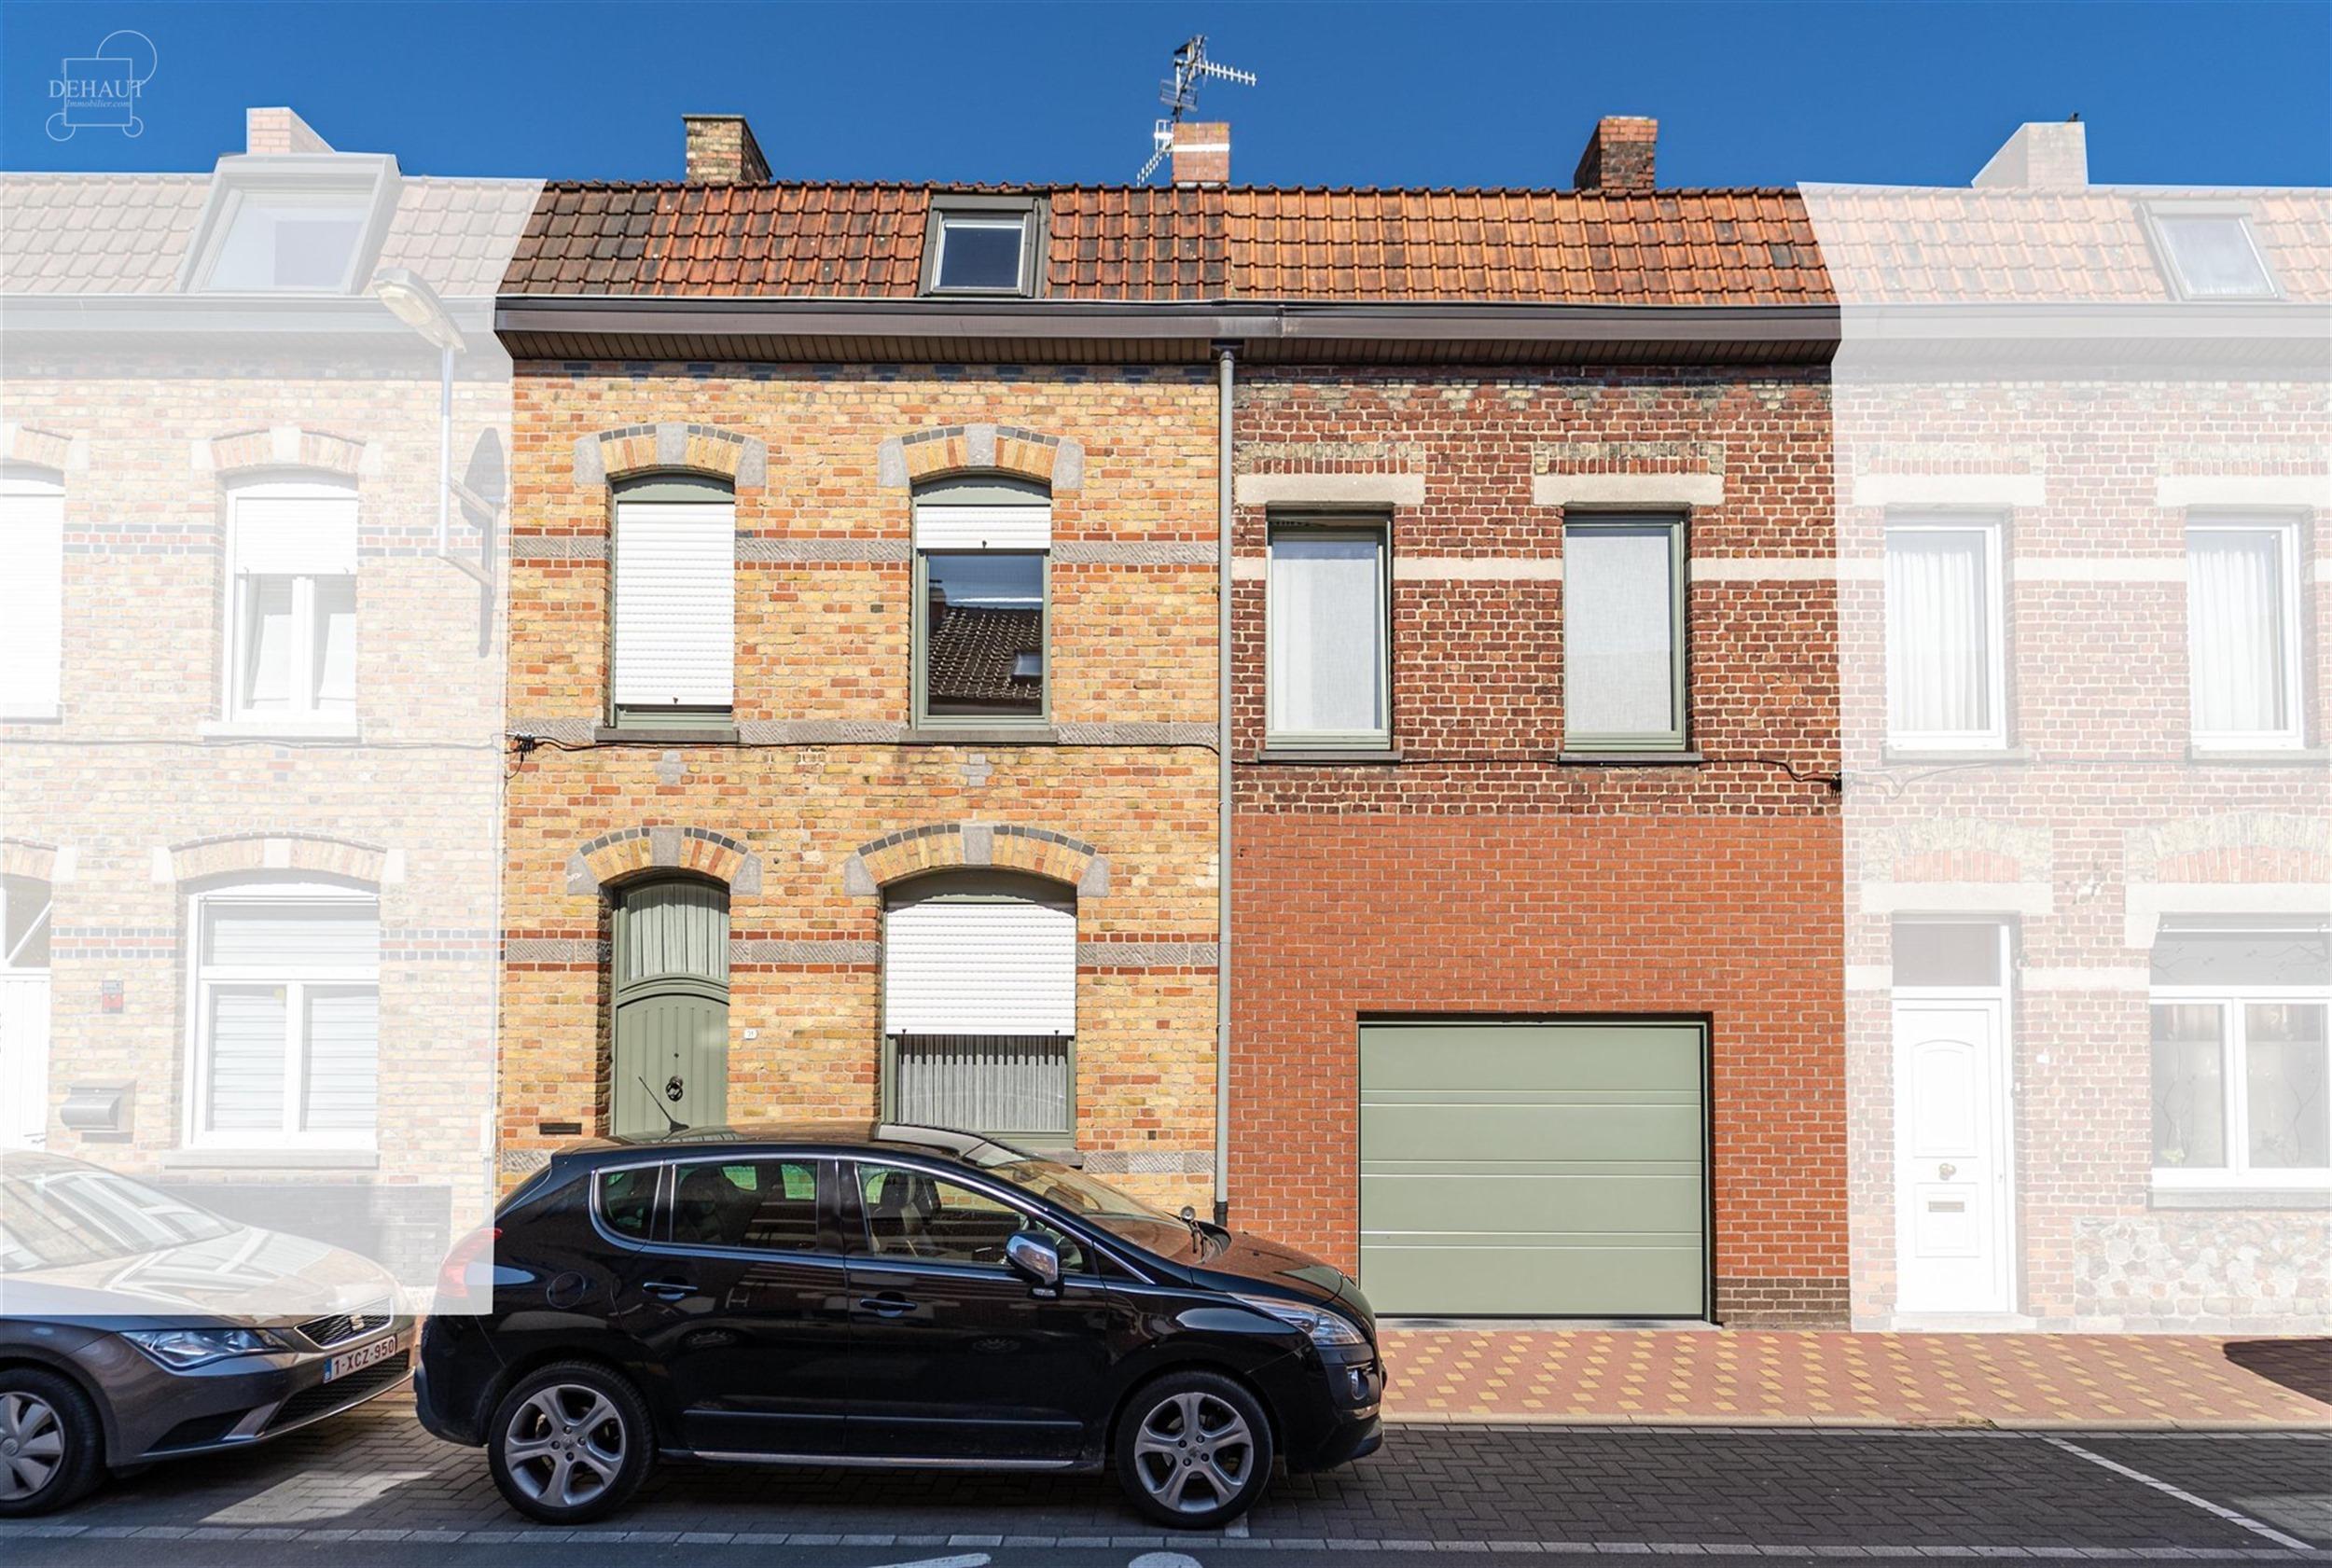 Vaste maison de ville 5 chambres possibilité plus avec garage et jardin, idéalement située à proximité du centre-ville et des écoles.  Comprend...